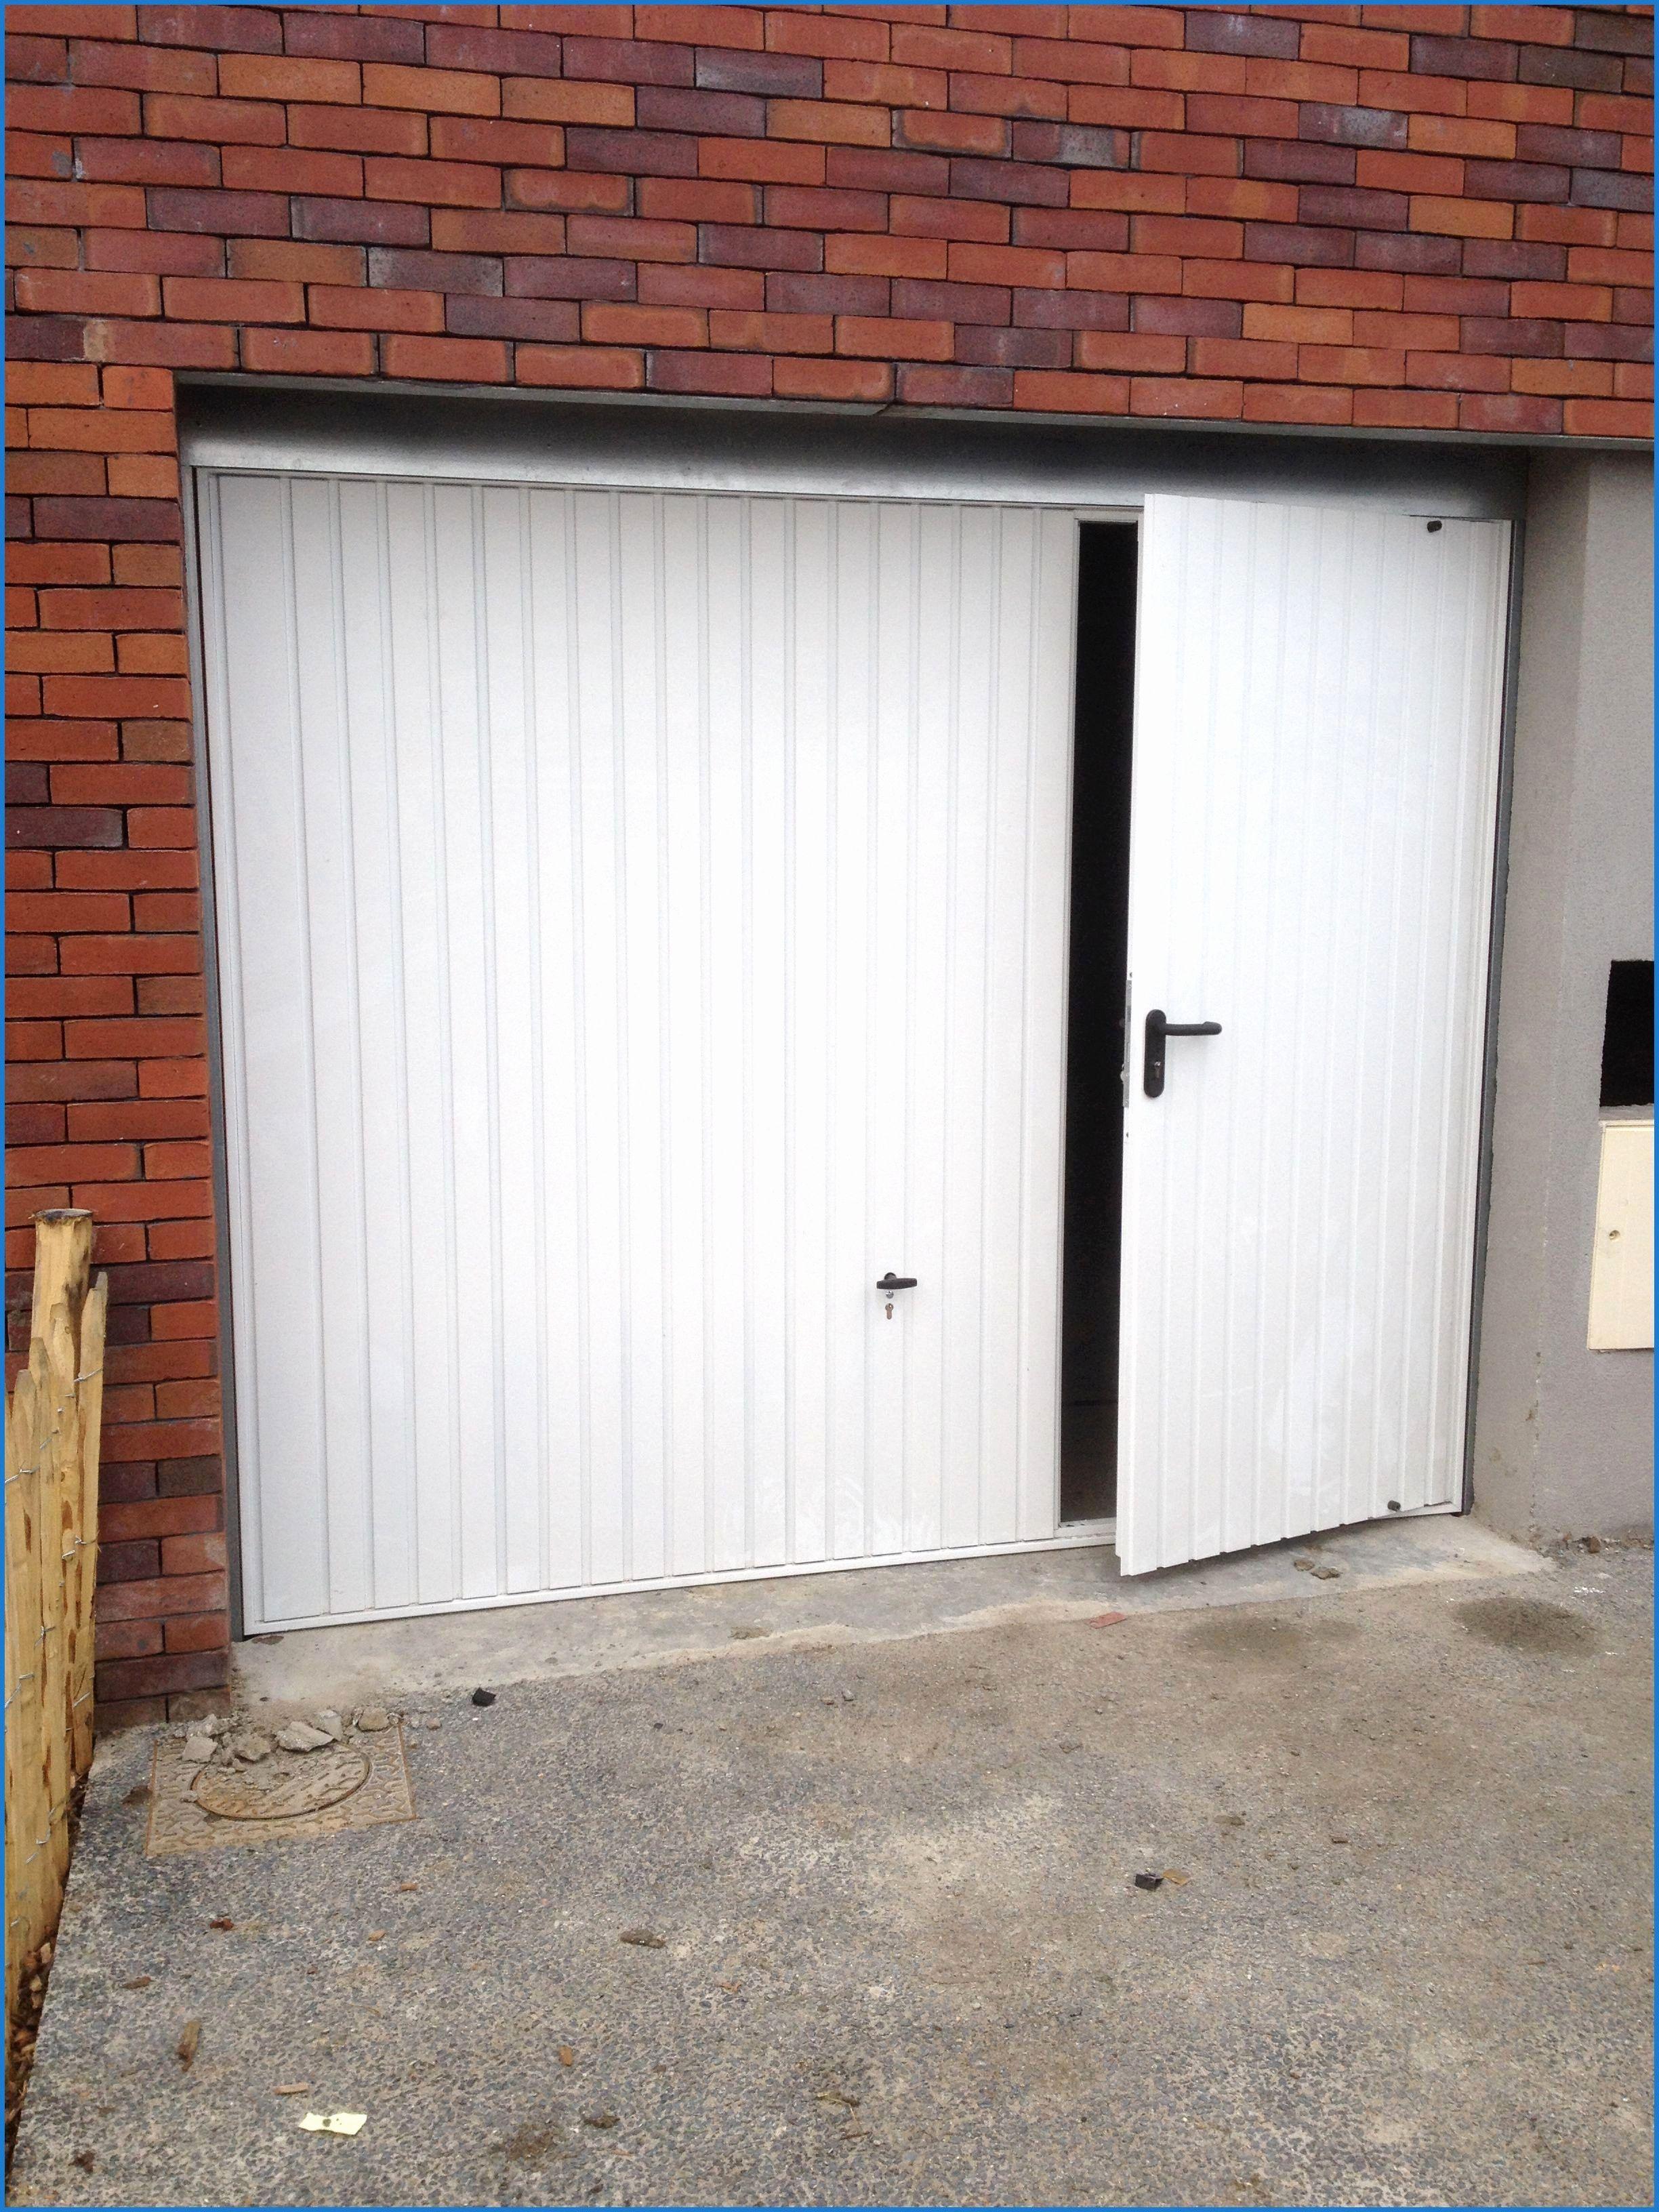 Allee De Garage Pas Cher Unique Porte De Garage Castorama Frais Beau Porte Garage Con Garage Pas Cher Salon De Jardin Castorama Et Maison Traditionnelle